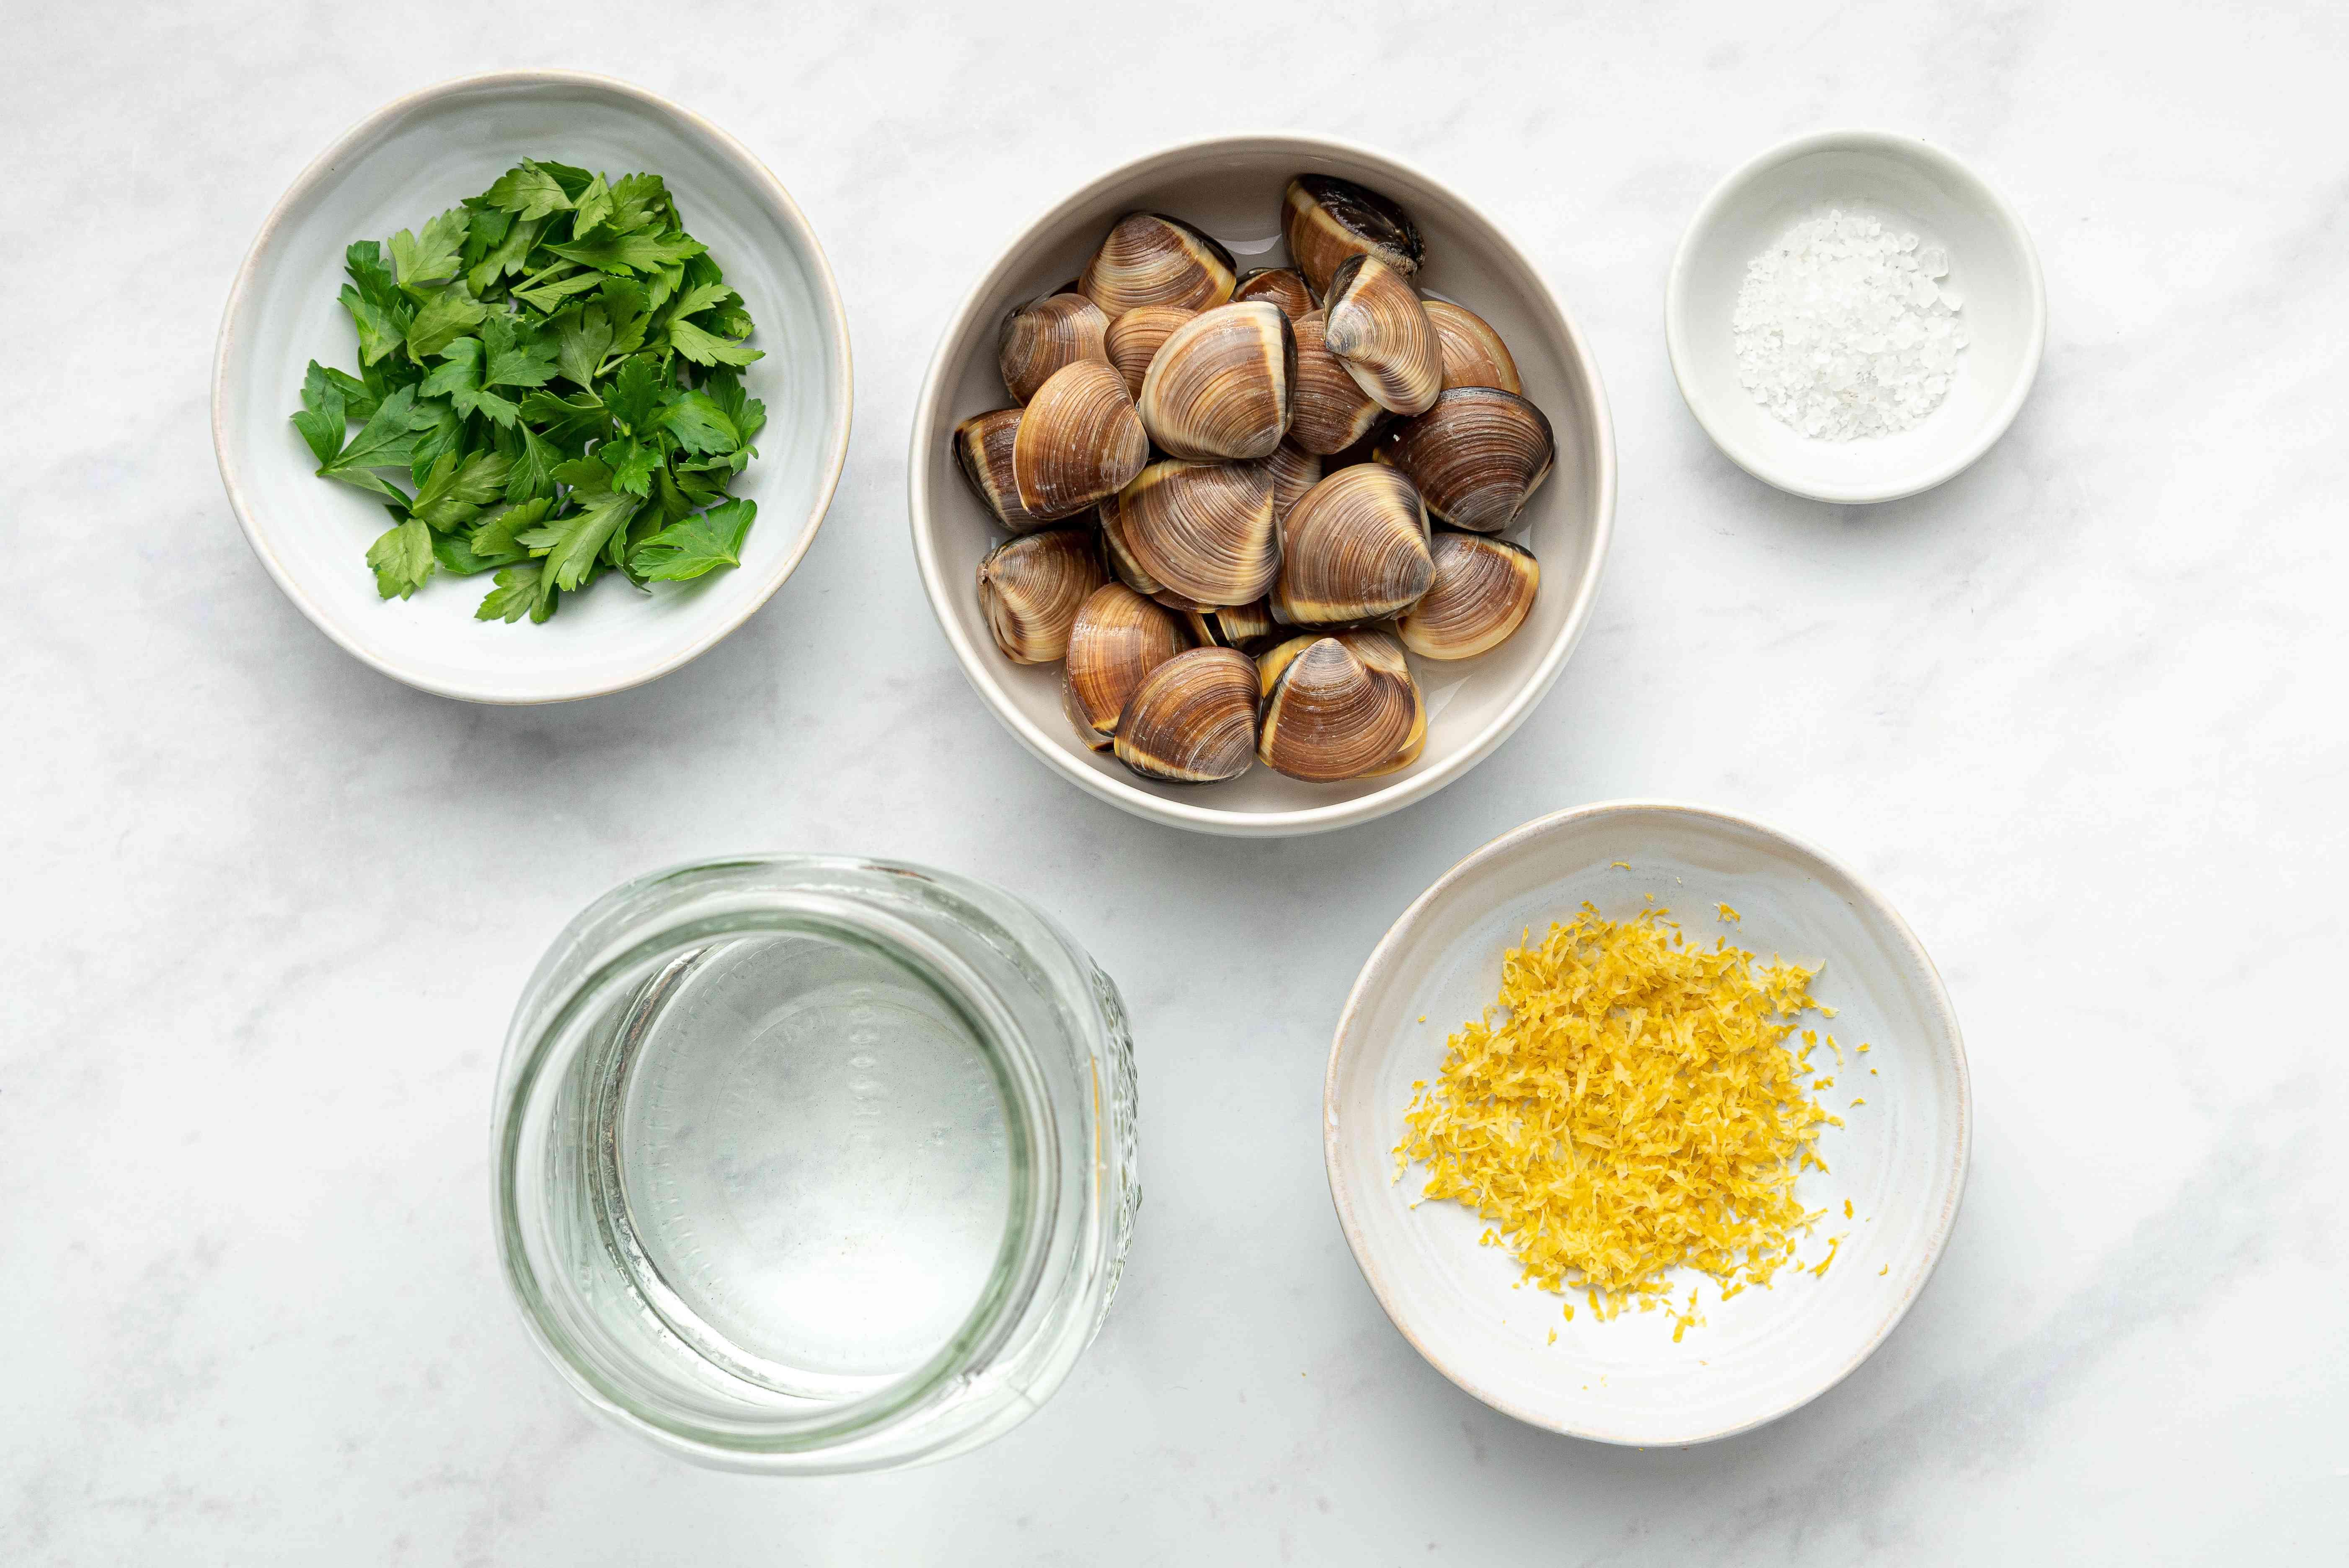 Japanese Clam Soup (Asari No Sumashijiru) ingredients